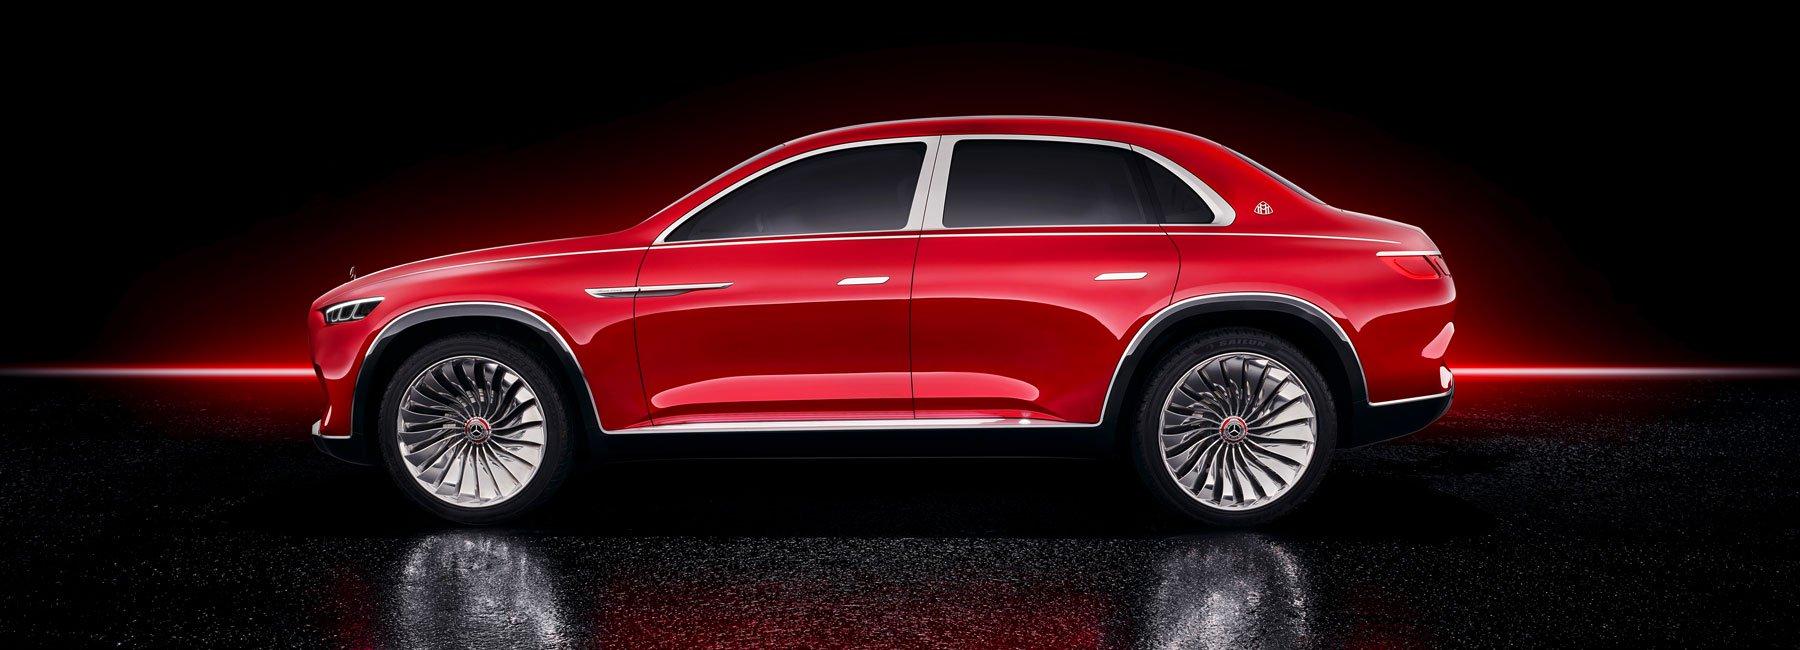 maybach ultimate luxury (4)